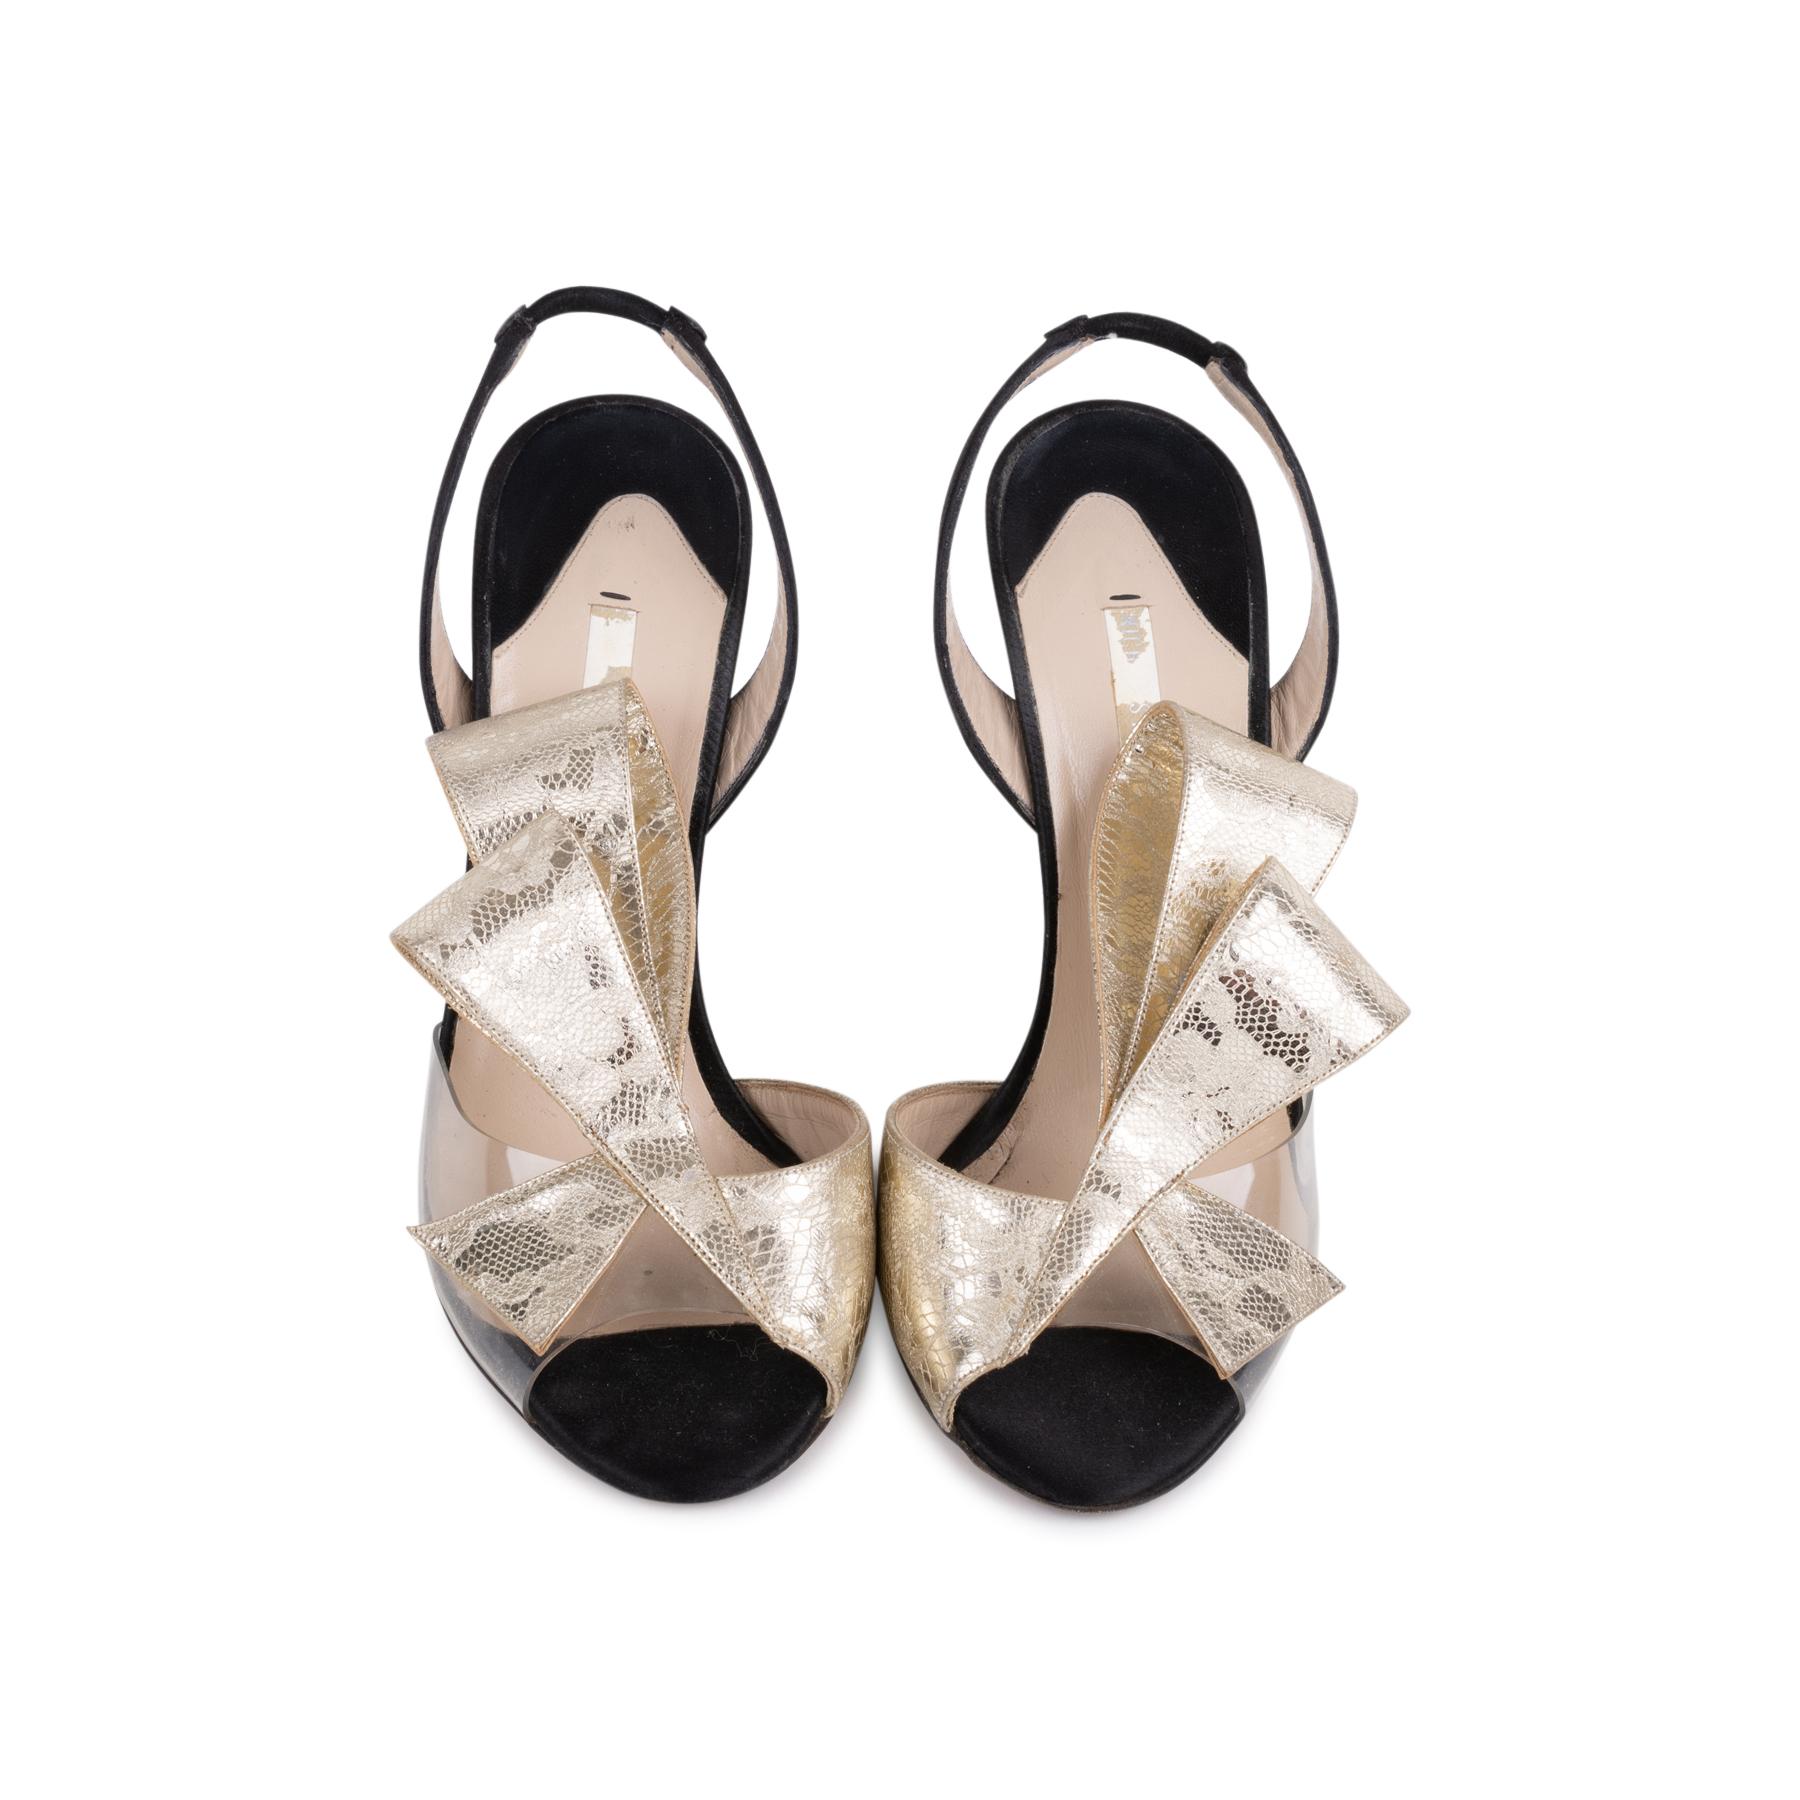 63d7d3cf6c4 Authentic Second Hand Nicholas Kirkwood Metallic Lace Bow Slingback Sandals  (PSS-515-00268)